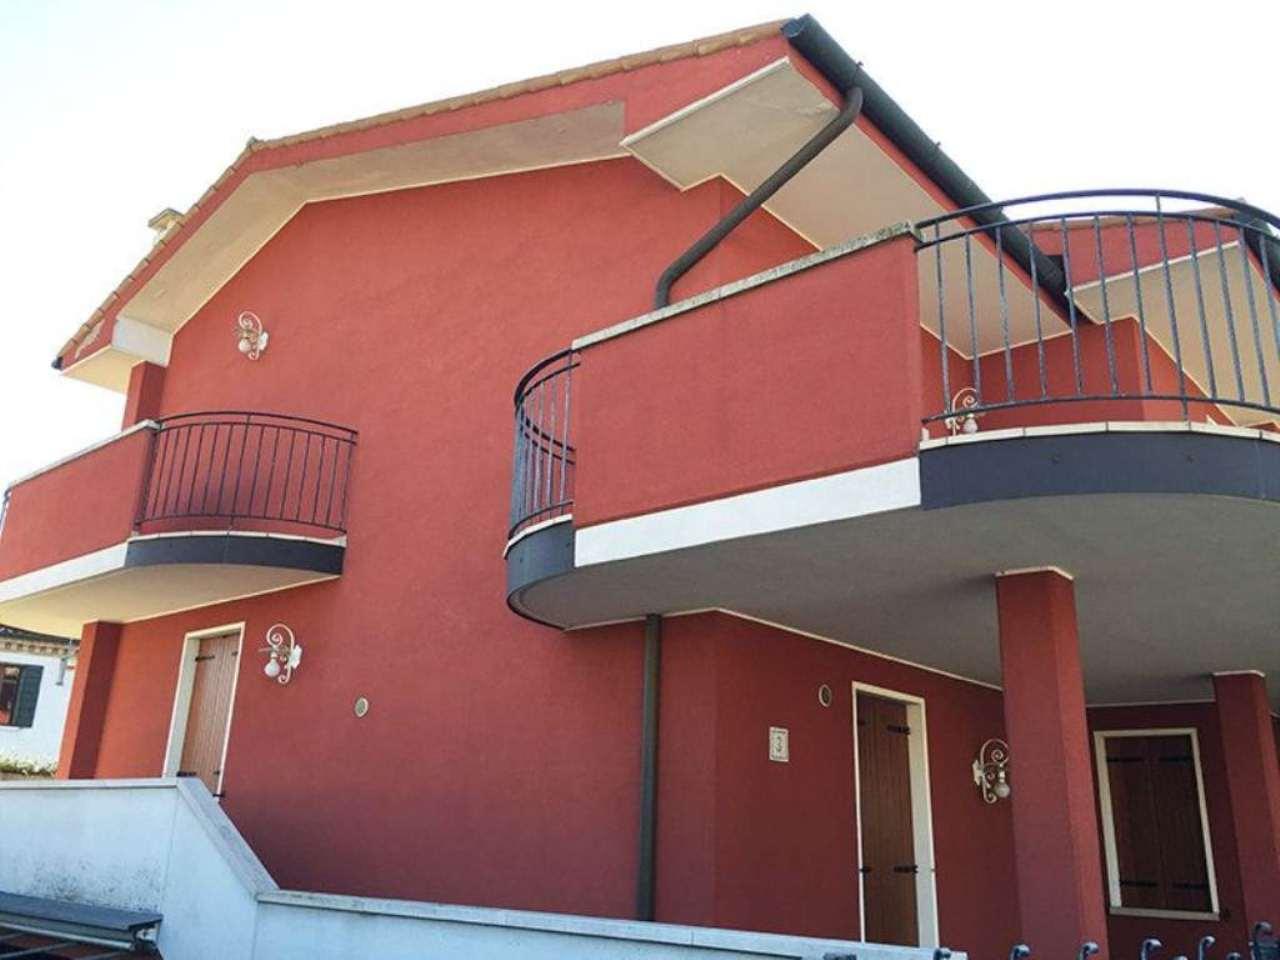 Villa Bifamiliare in vendita a Piove di Sacco, 7 locali, prezzo € 239.000 | Cambio Casa.it